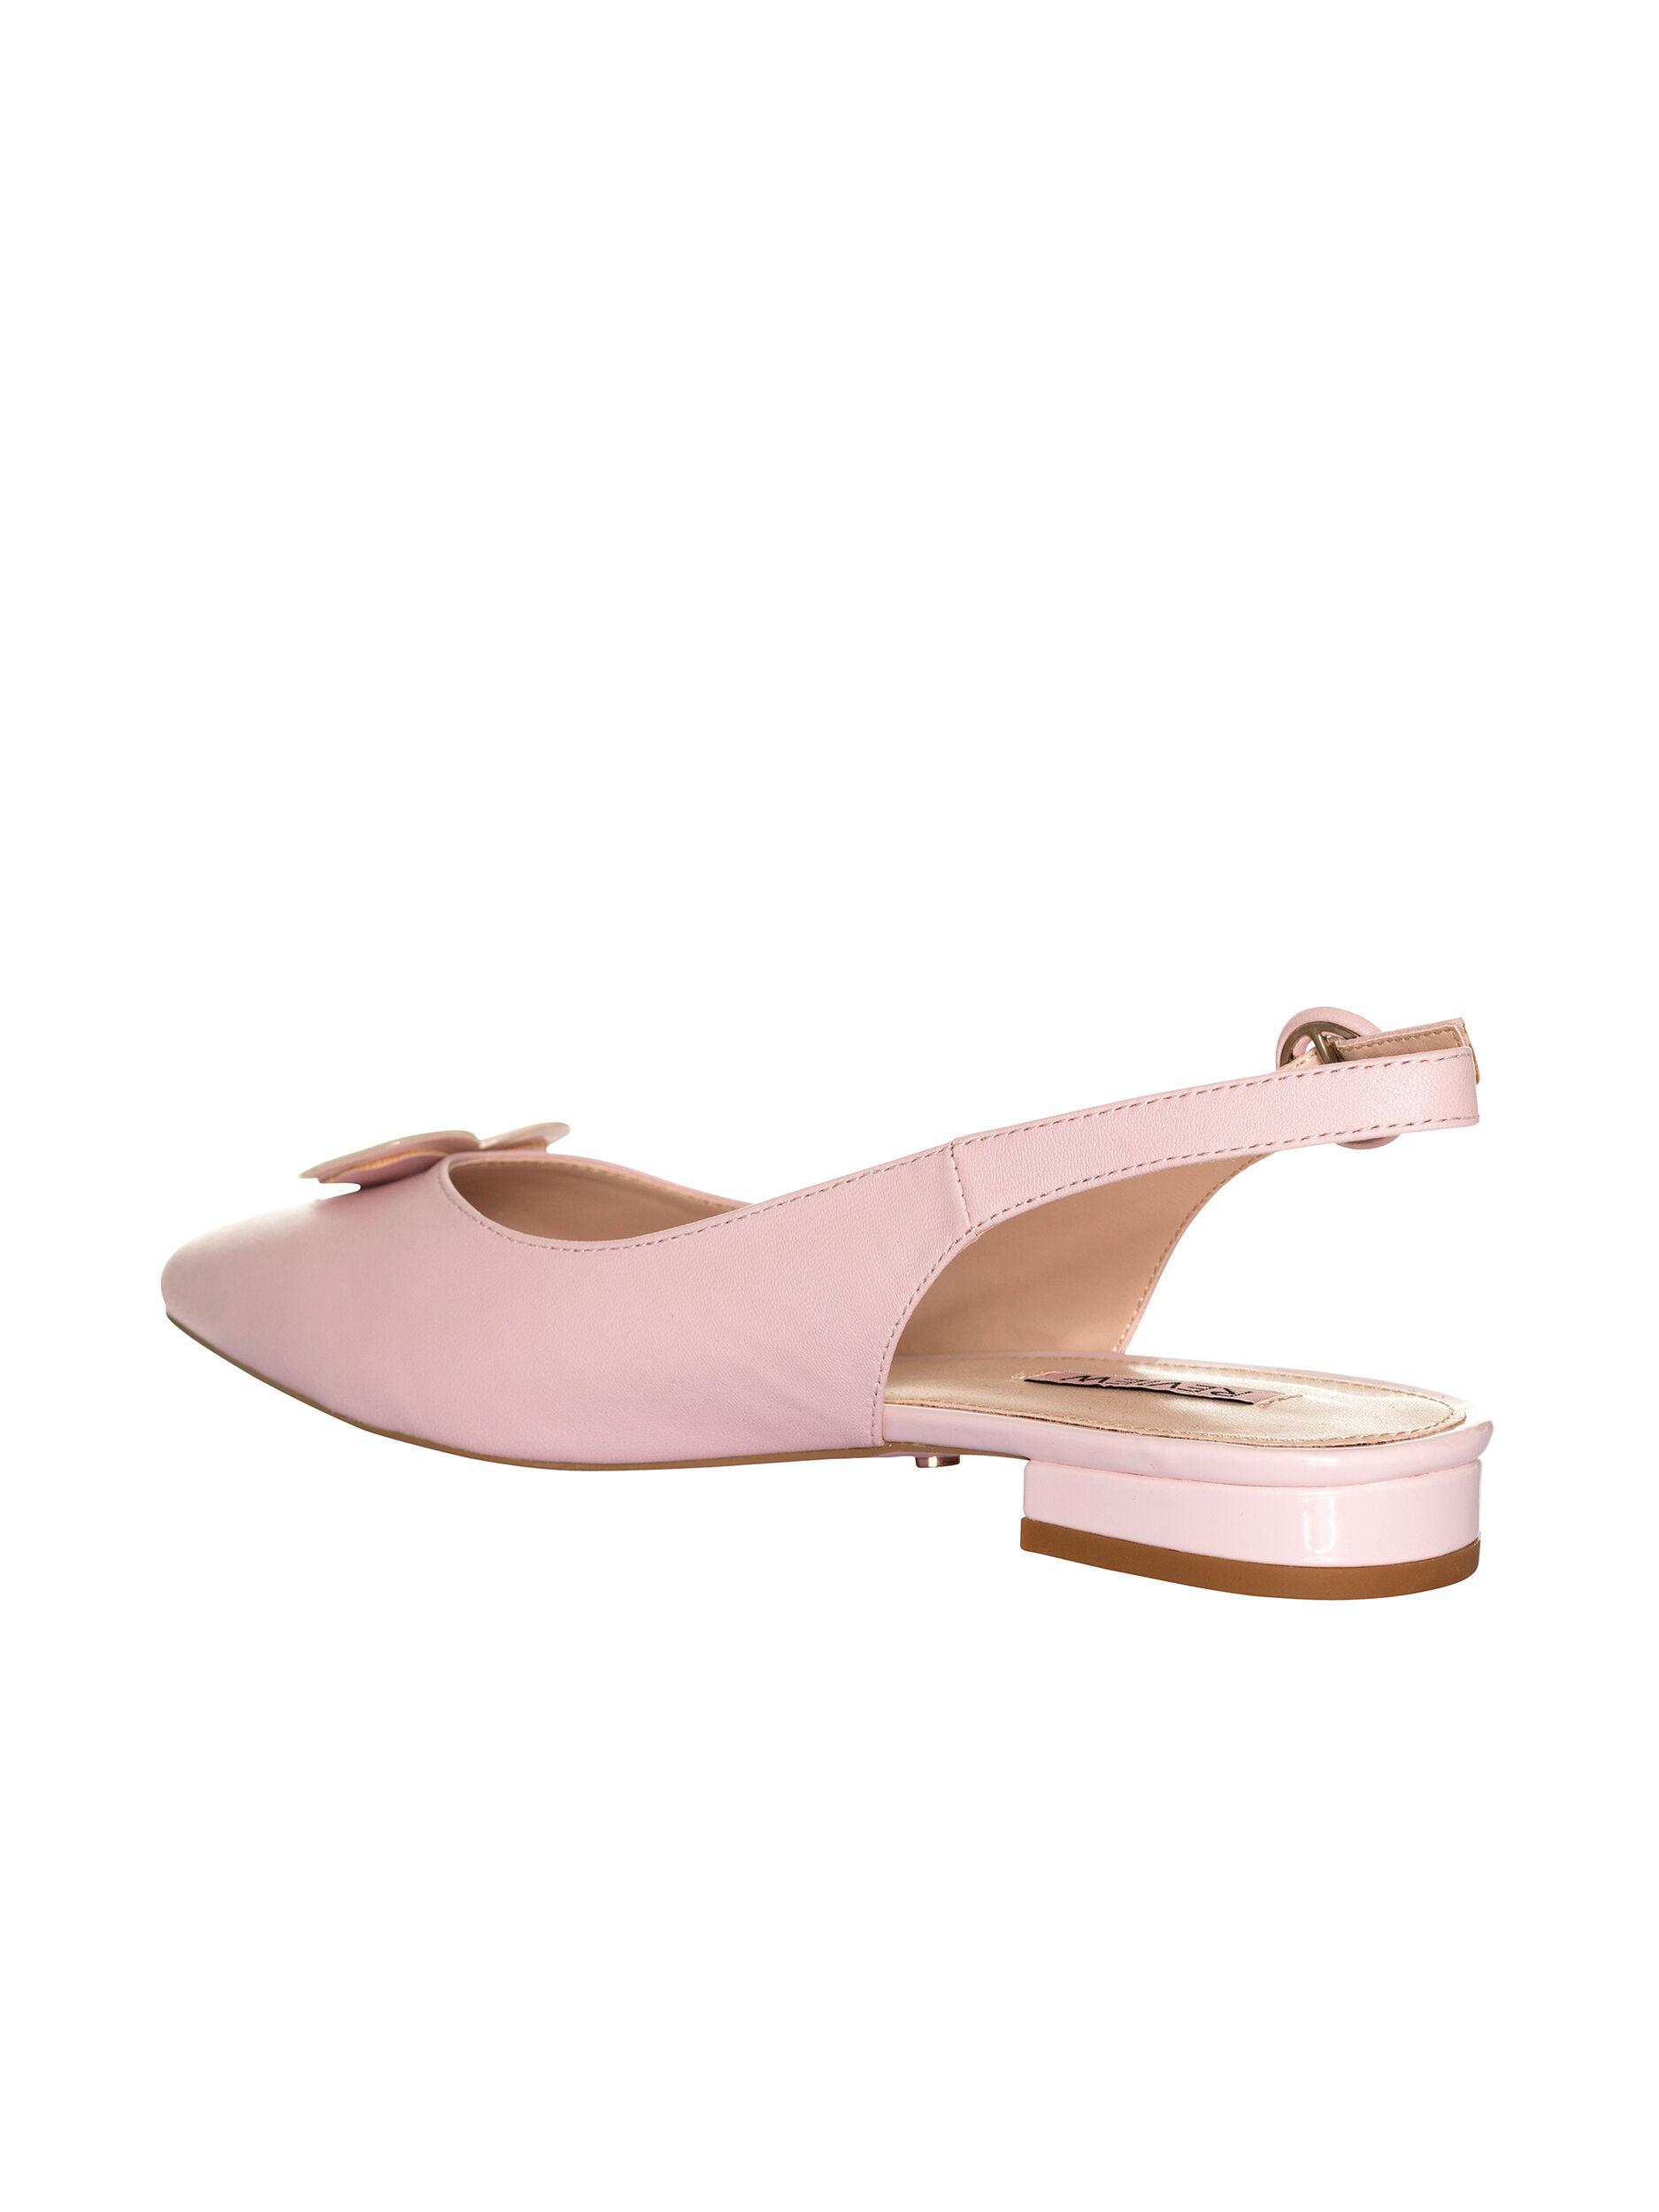 Shelley Heart Shoe